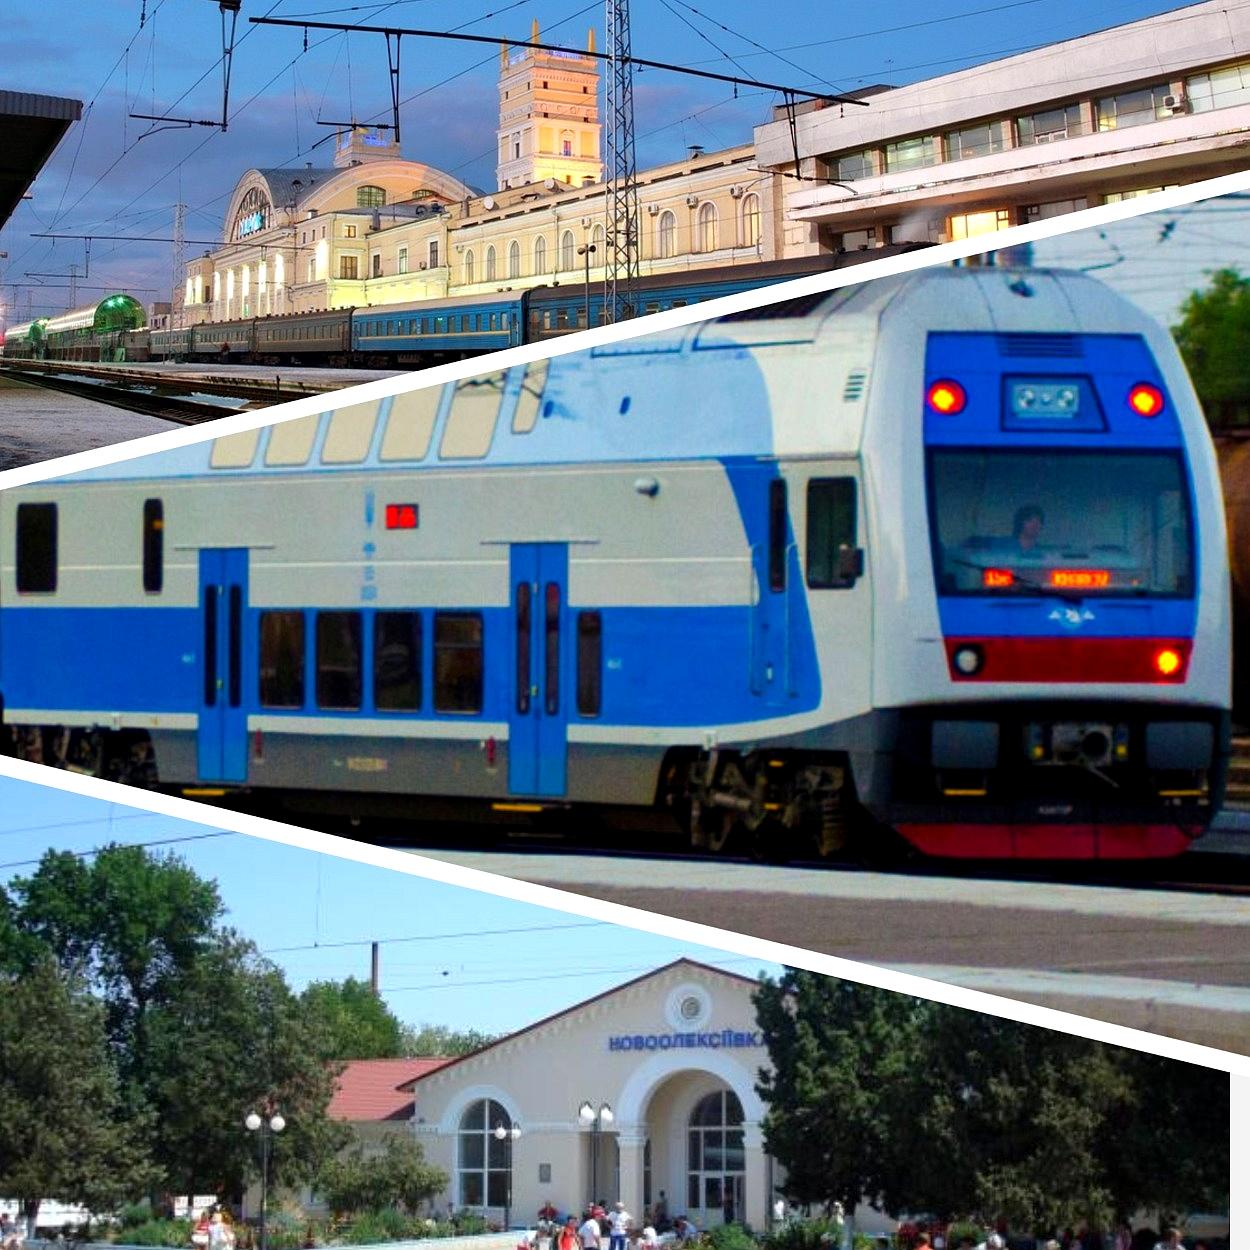 Купить дешевые билеты на поезд в крым купить билет на поезд до магнитогорска цена билета